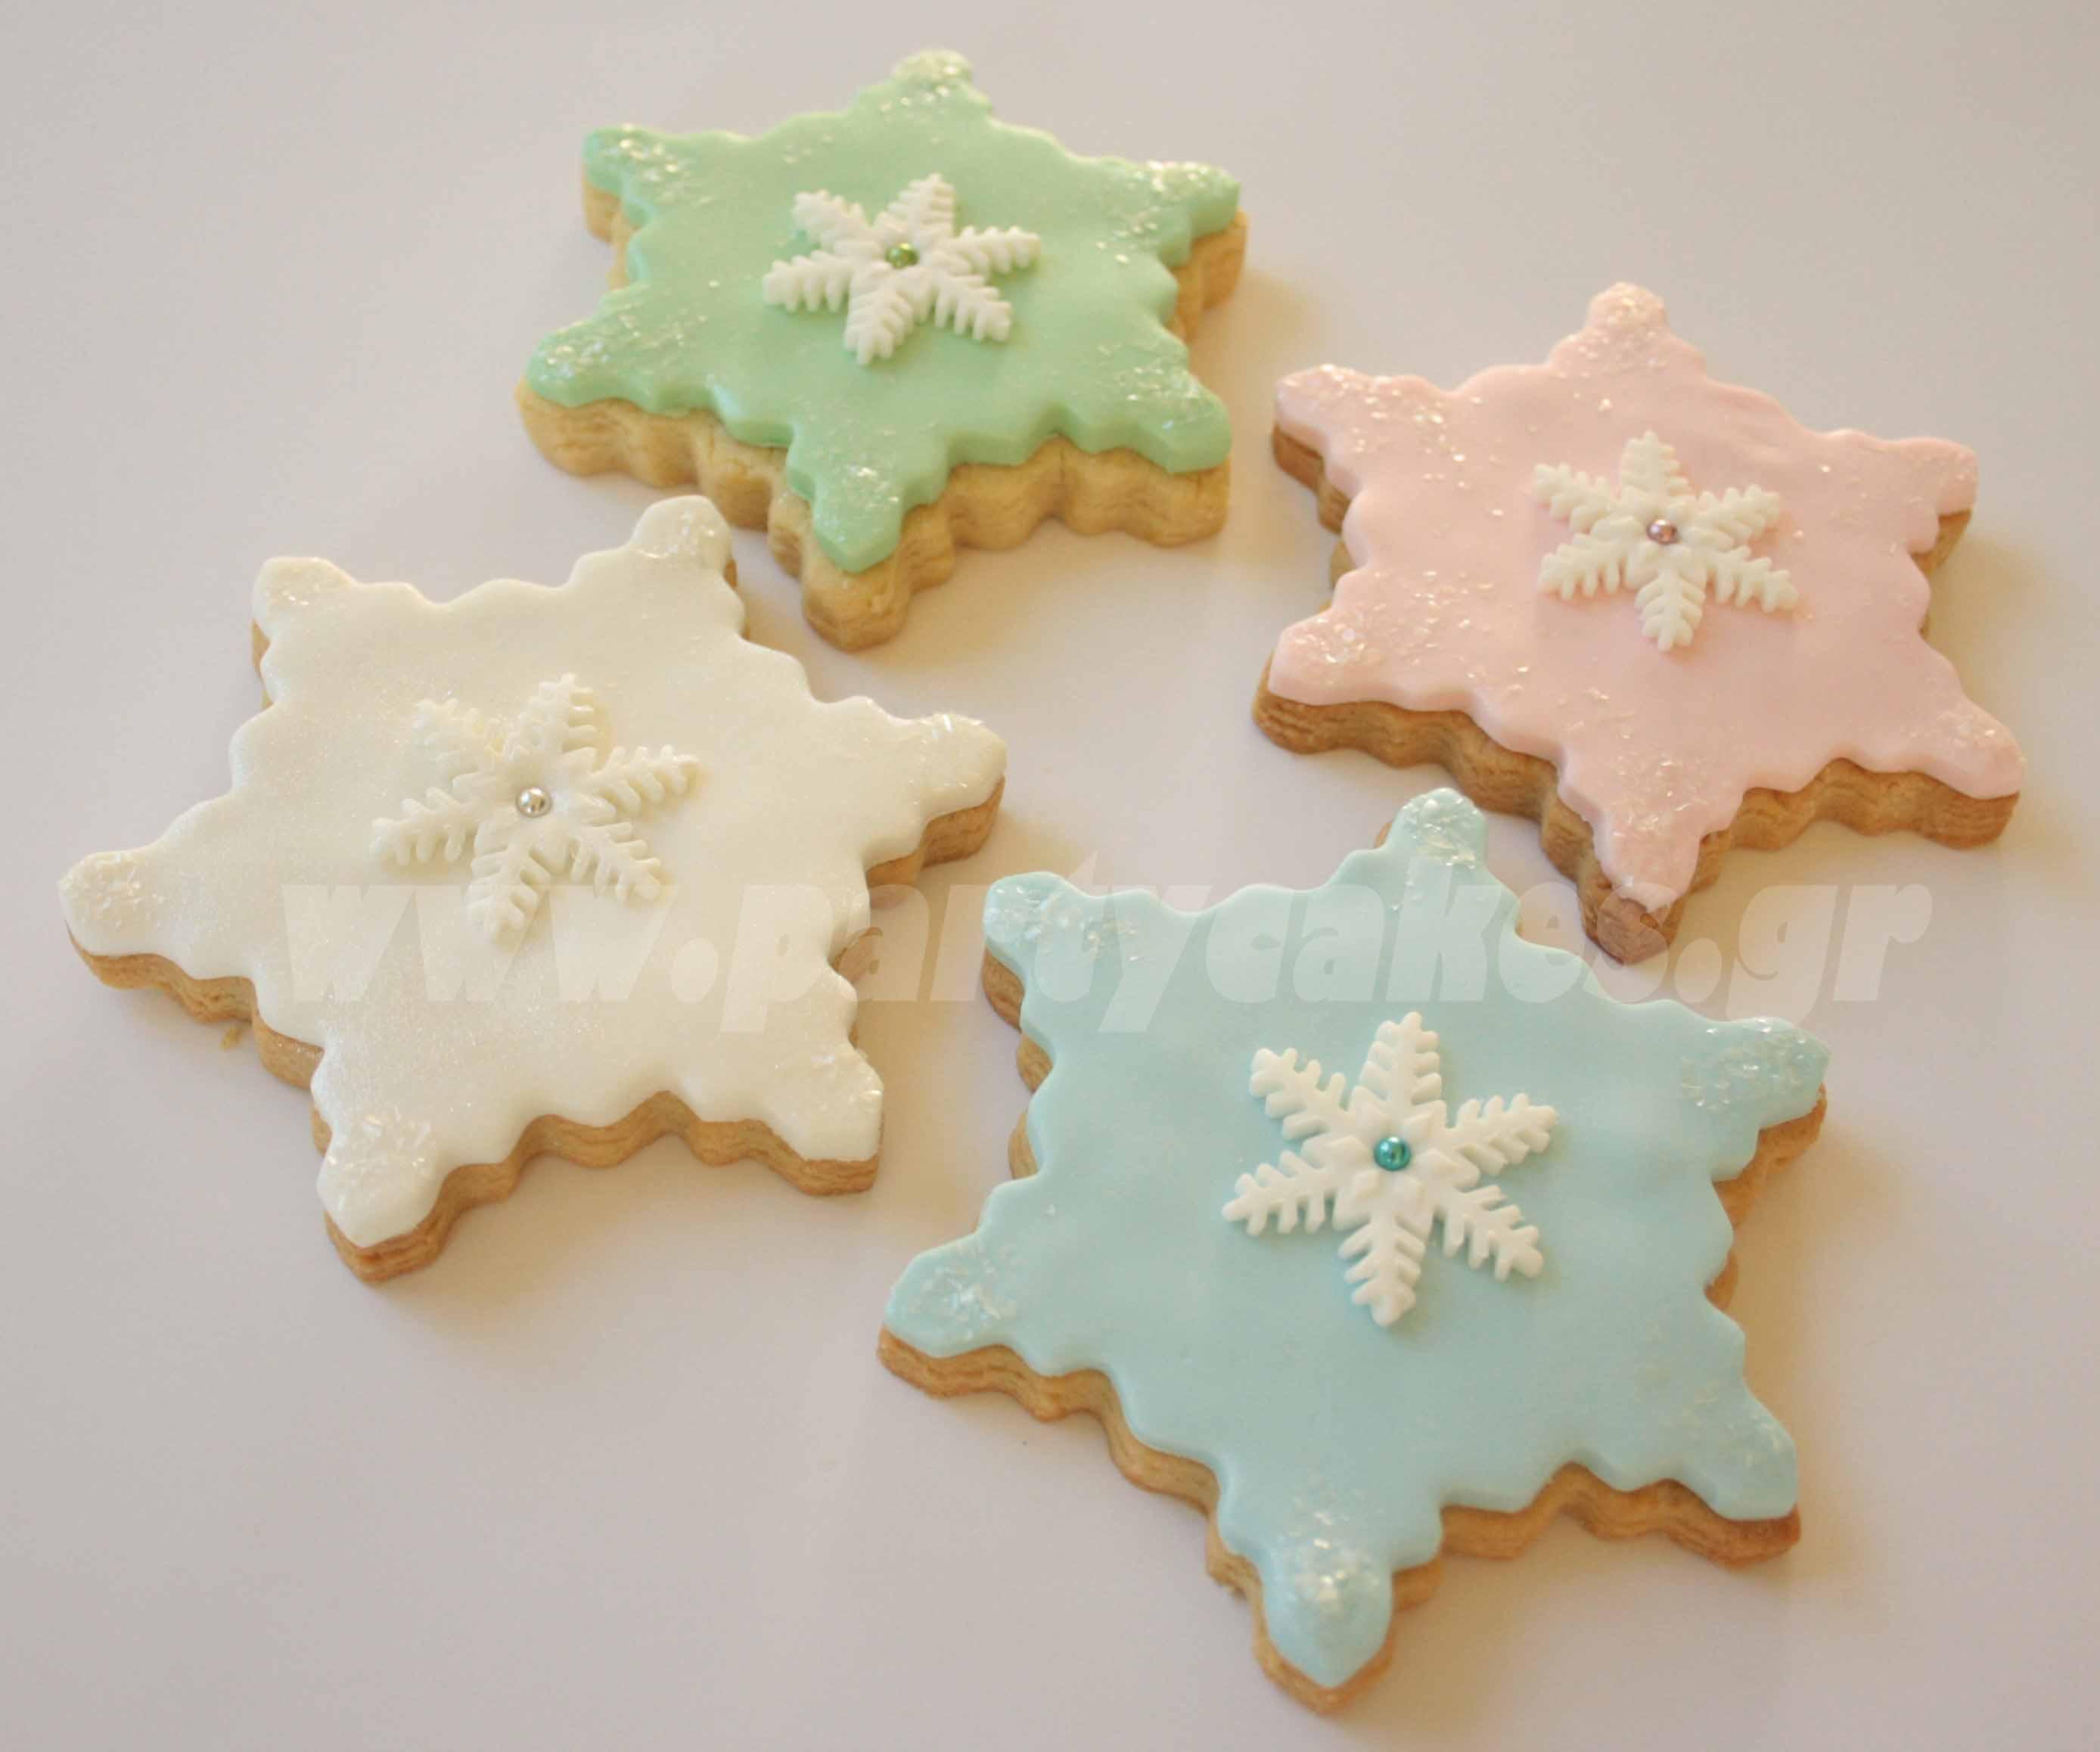 Christmas+cookies+1+copy.jpg